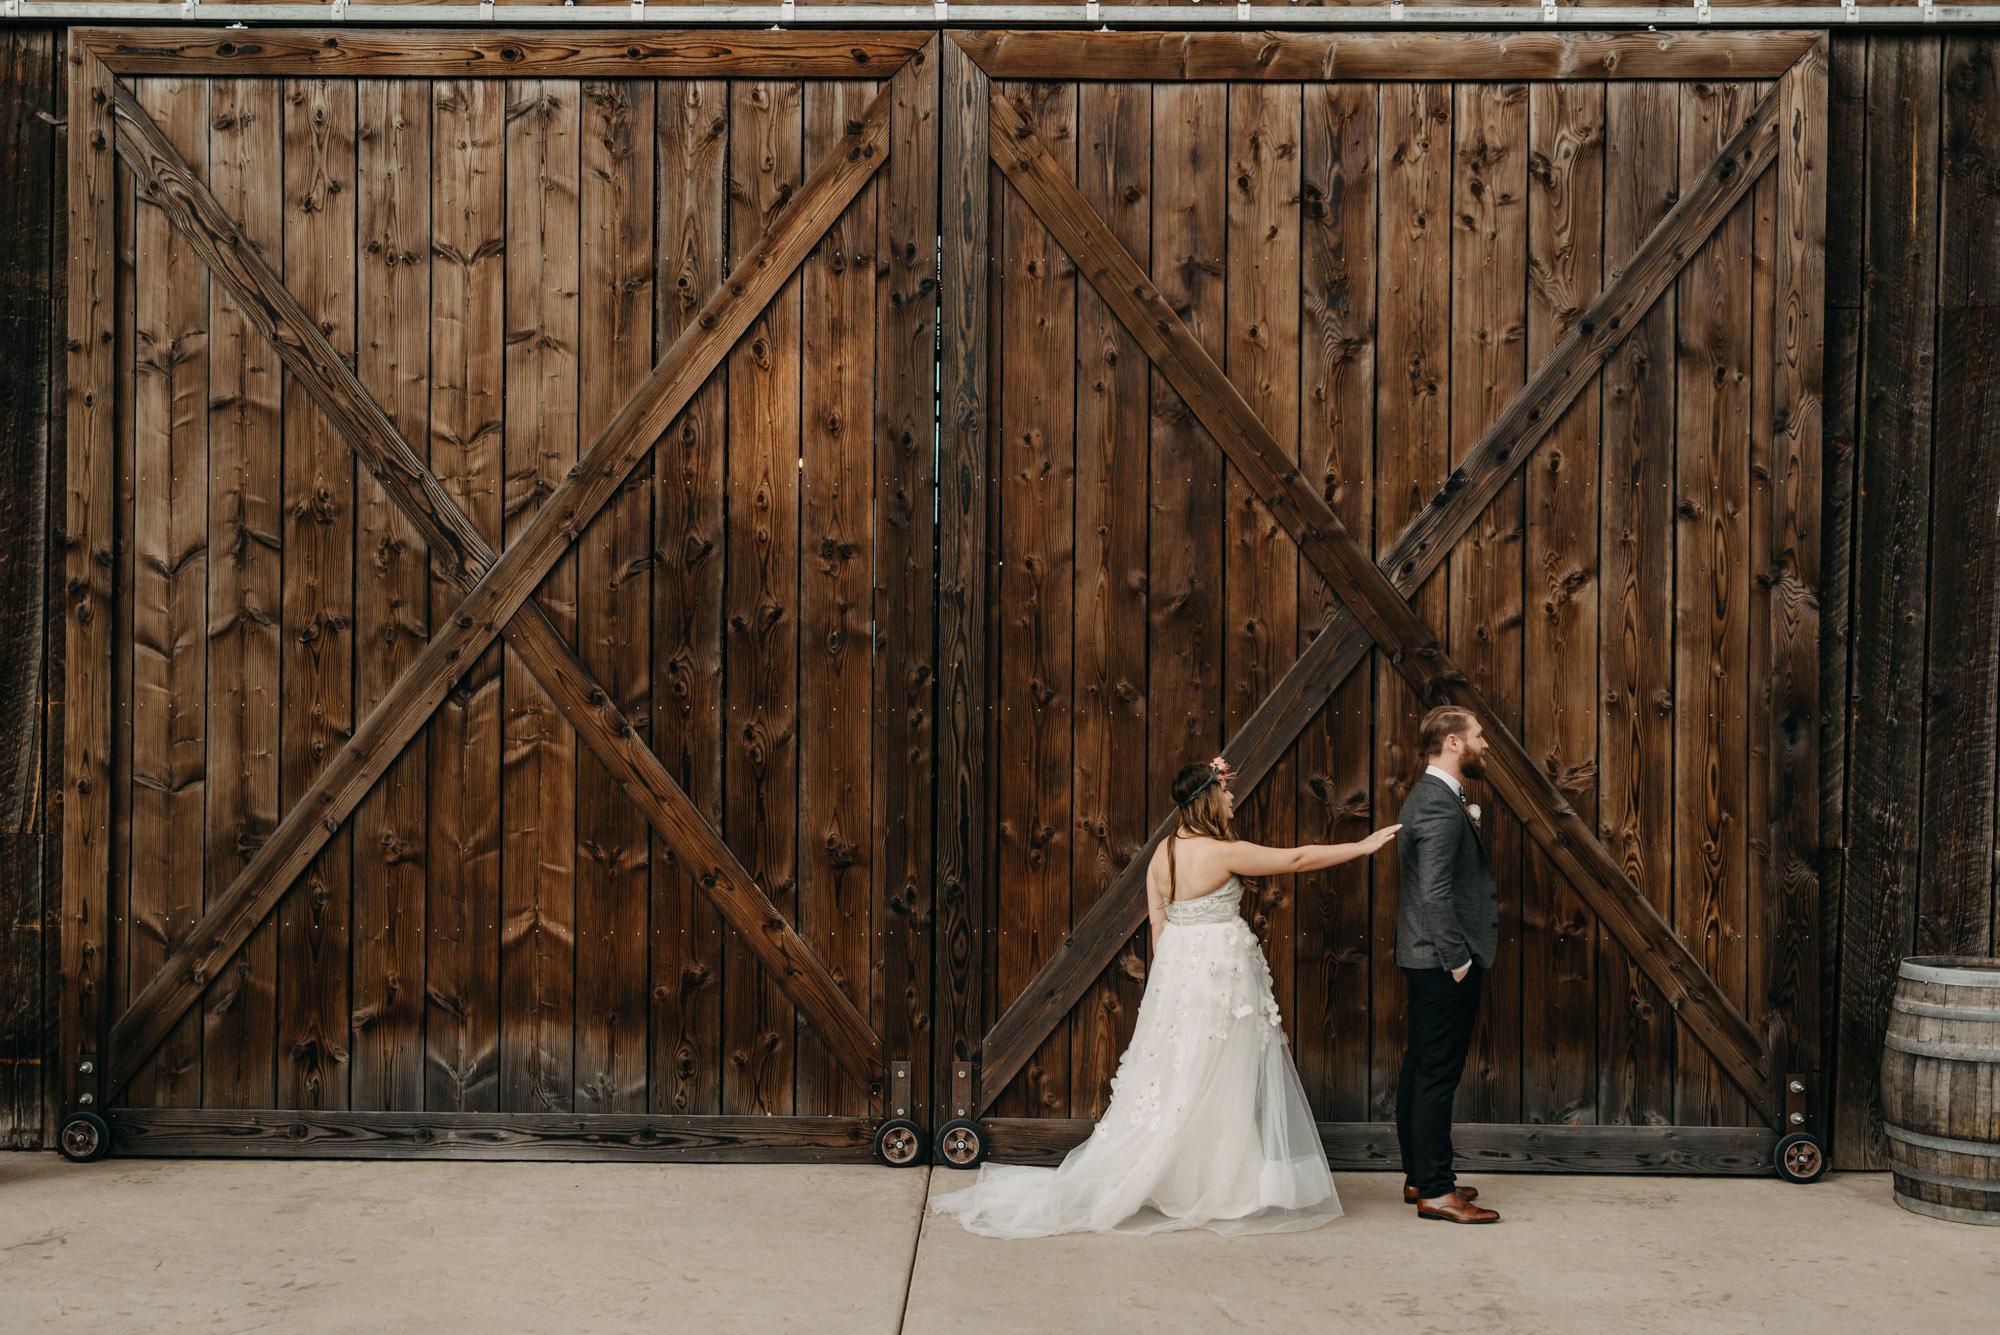 Outdoor-First-Look-Washington-Wedding-Barn-Door-8064.jpg